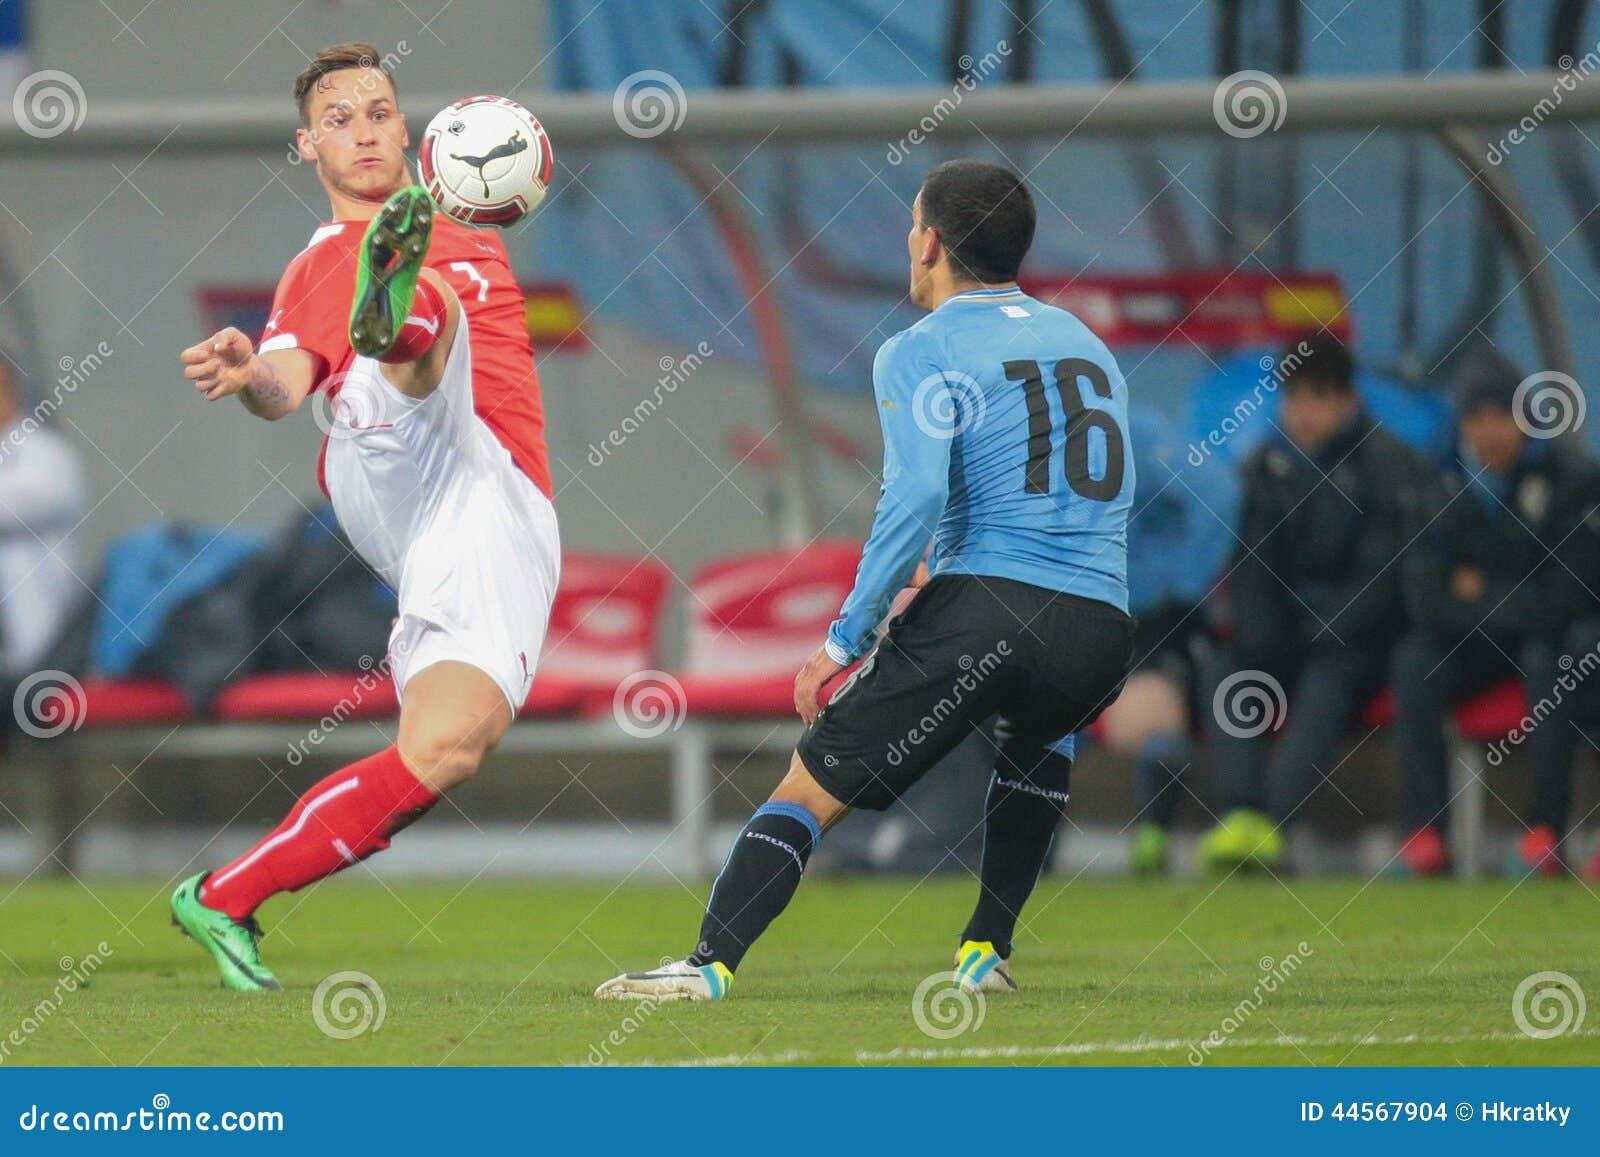 Αυστρία Βέλγιο εναντίον Ουρουγουάη